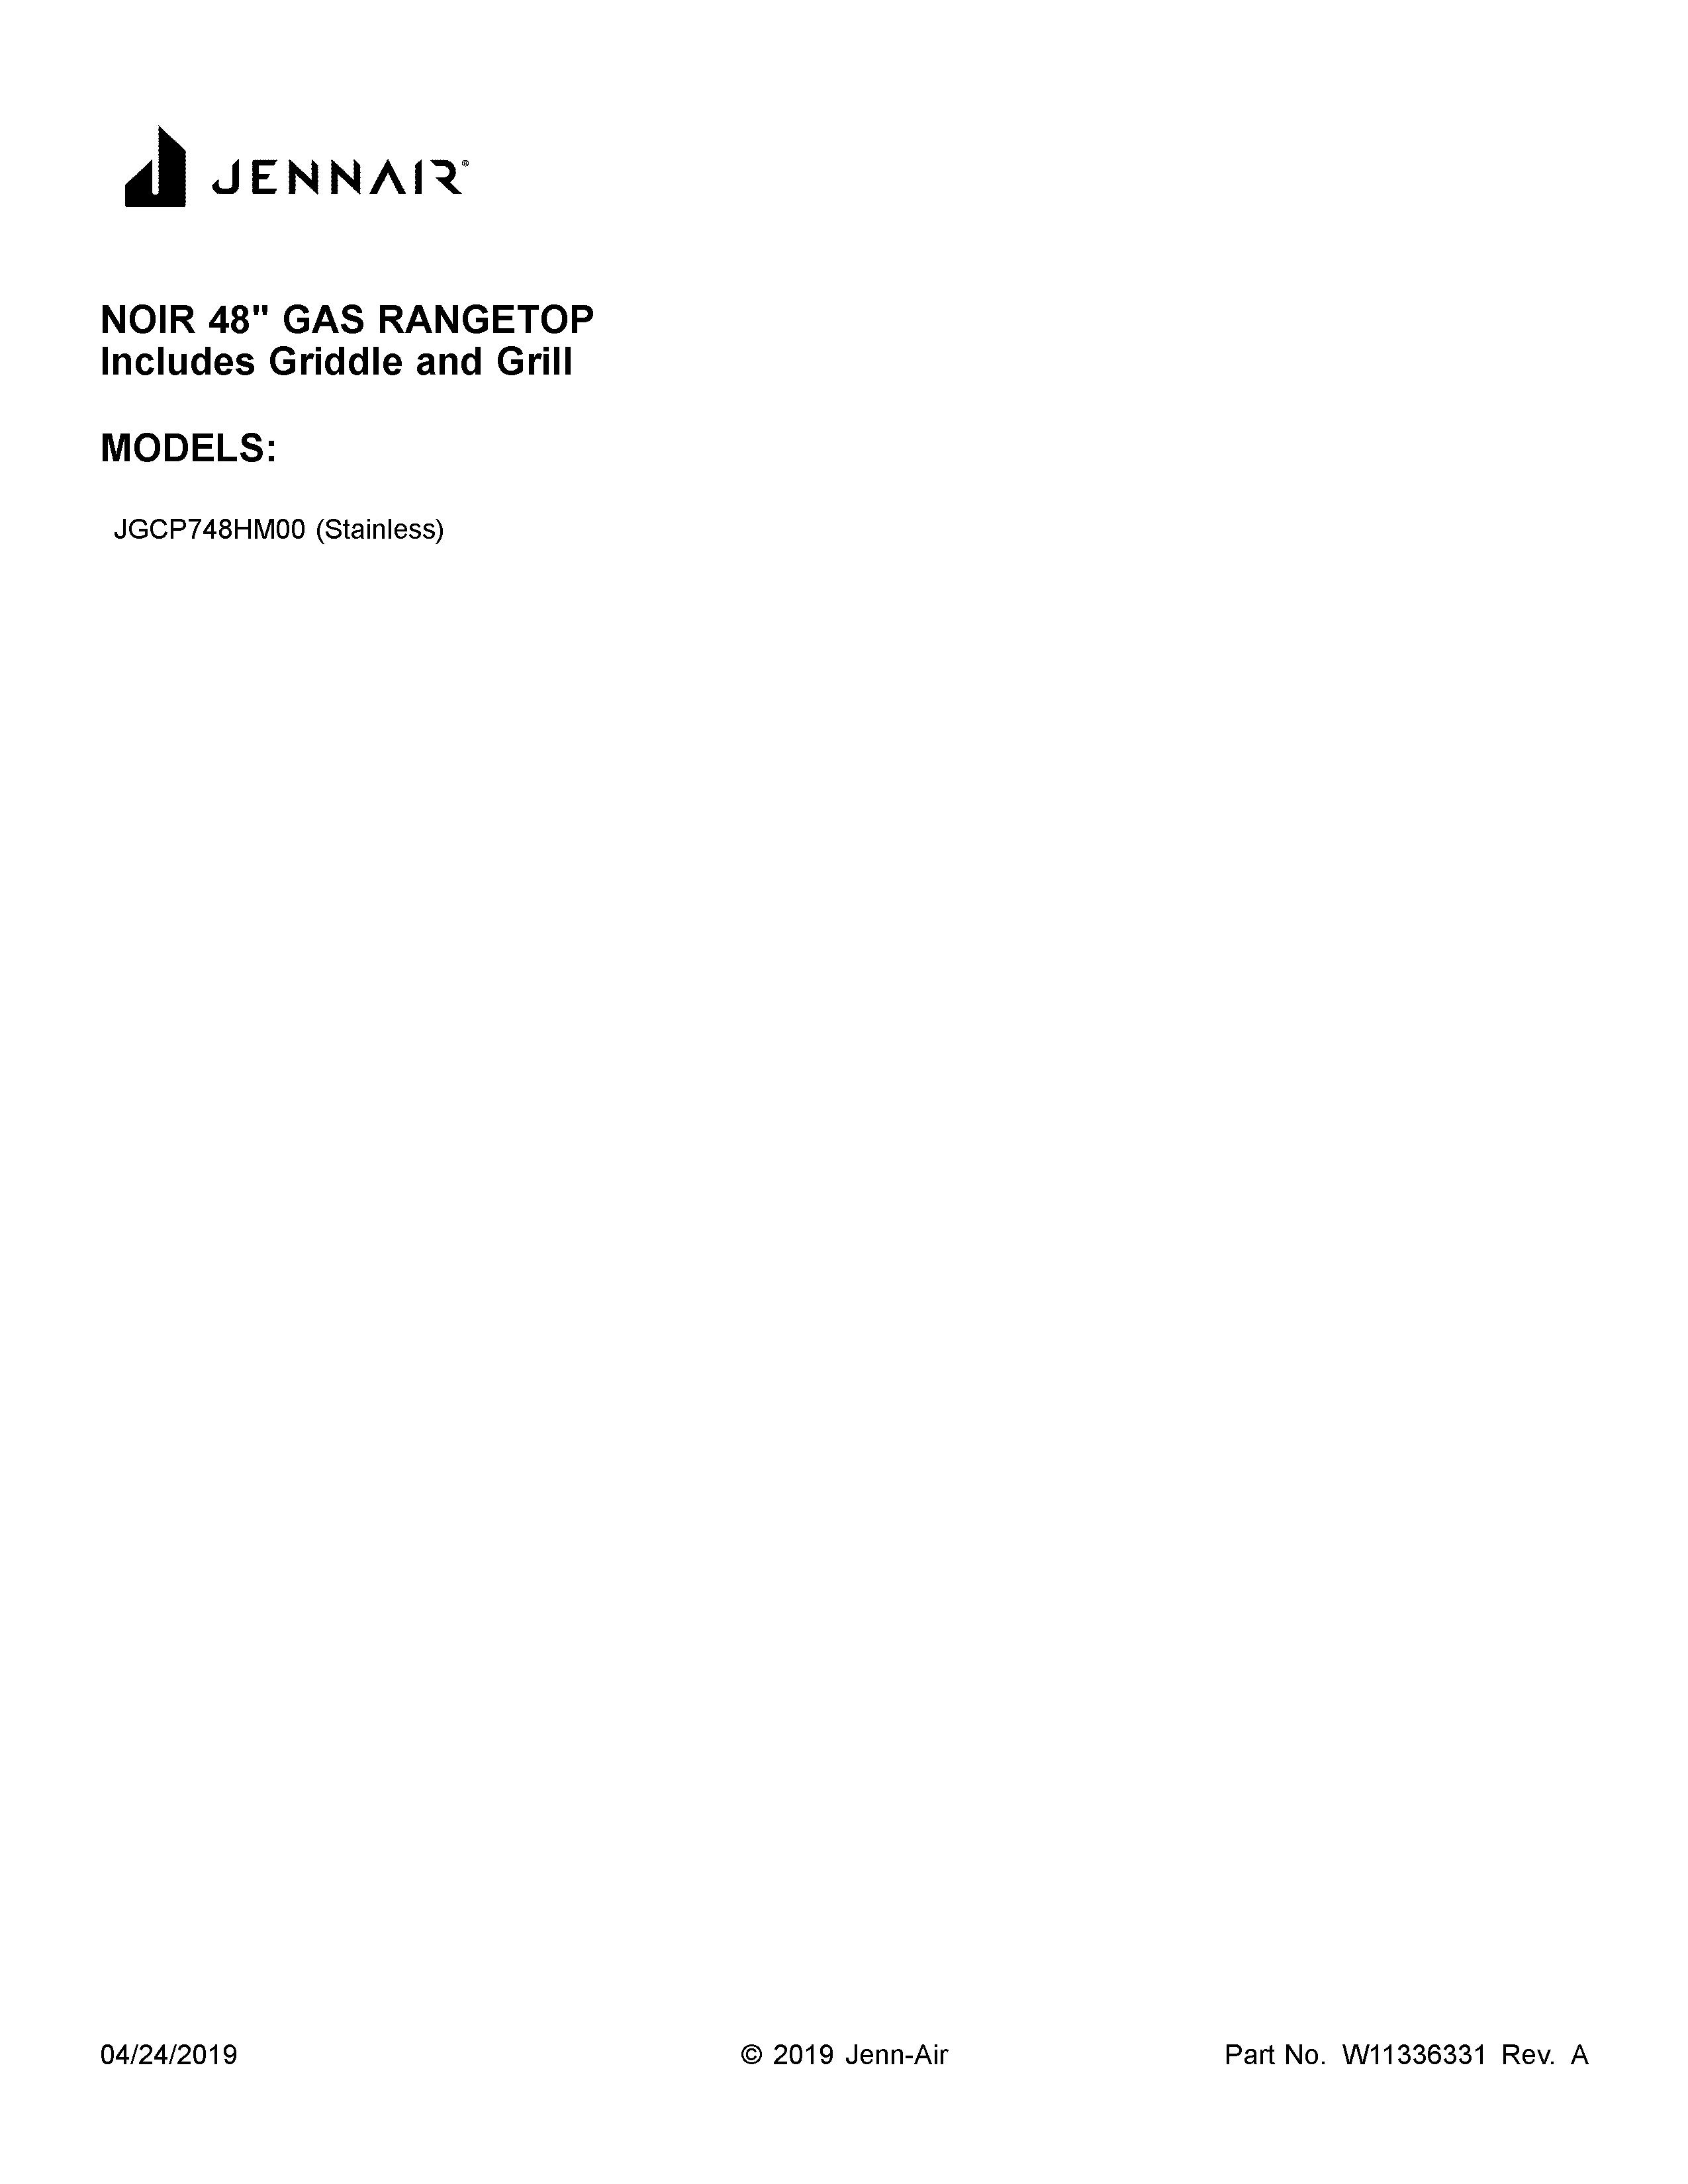 Jenn-Air  Gas Rangetop  Cover sheet